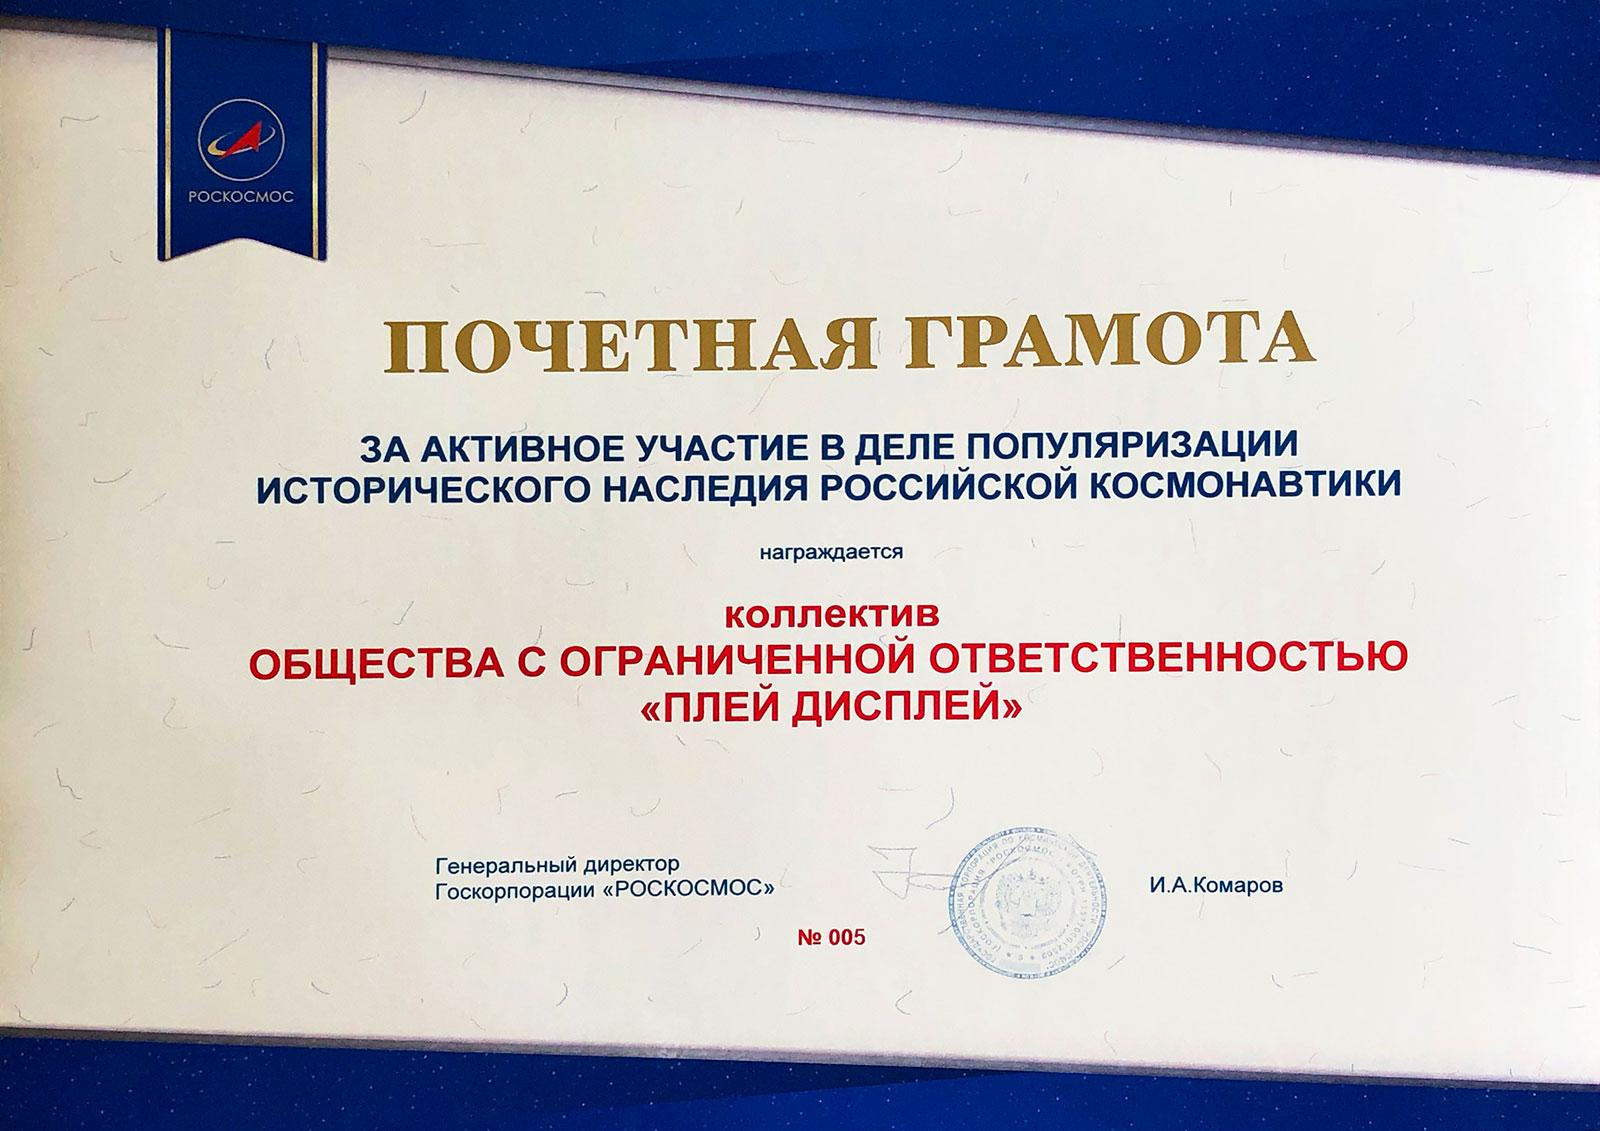 PD_diplomas8